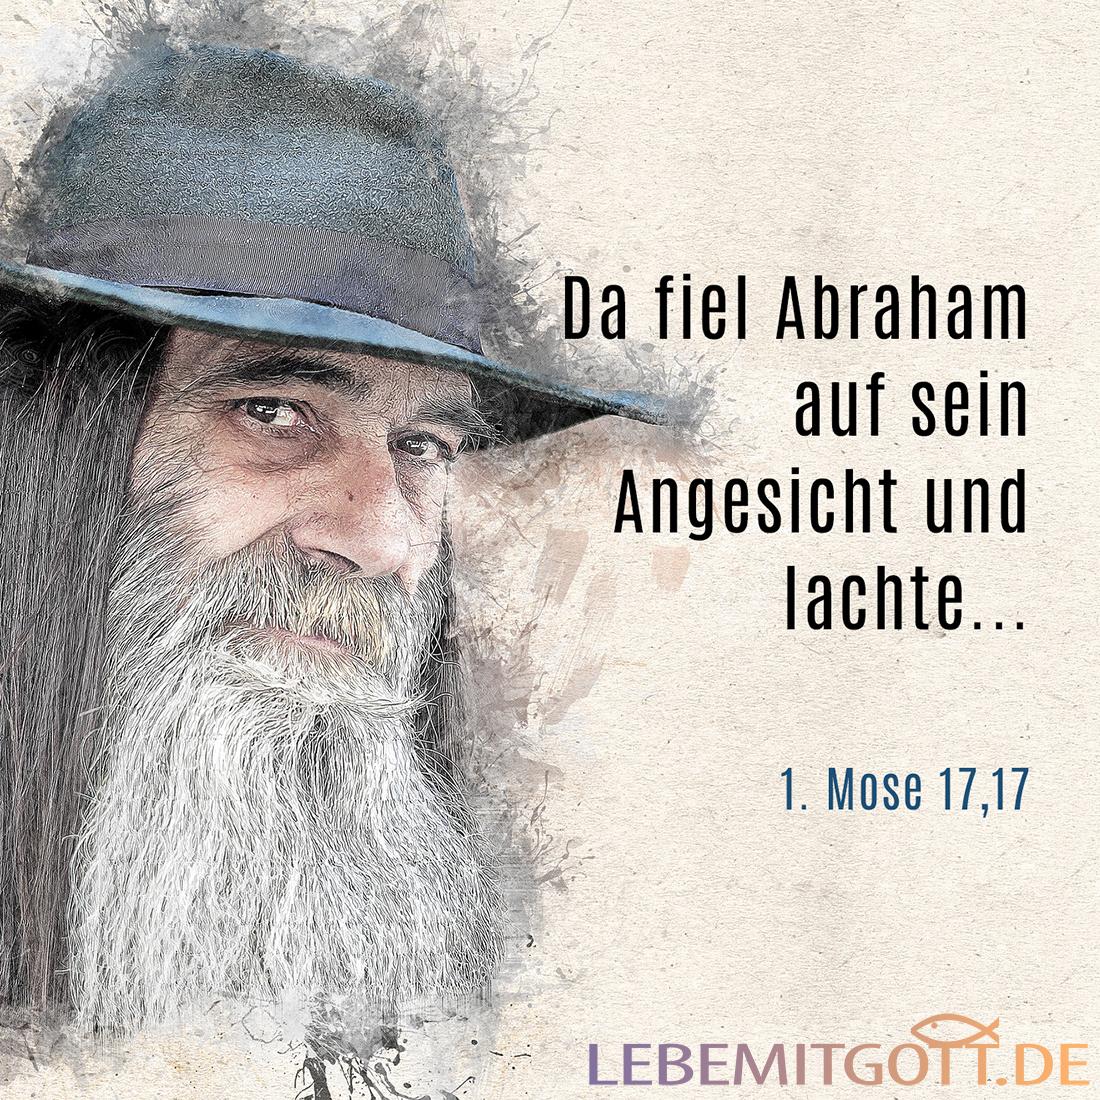 Abraham lachte